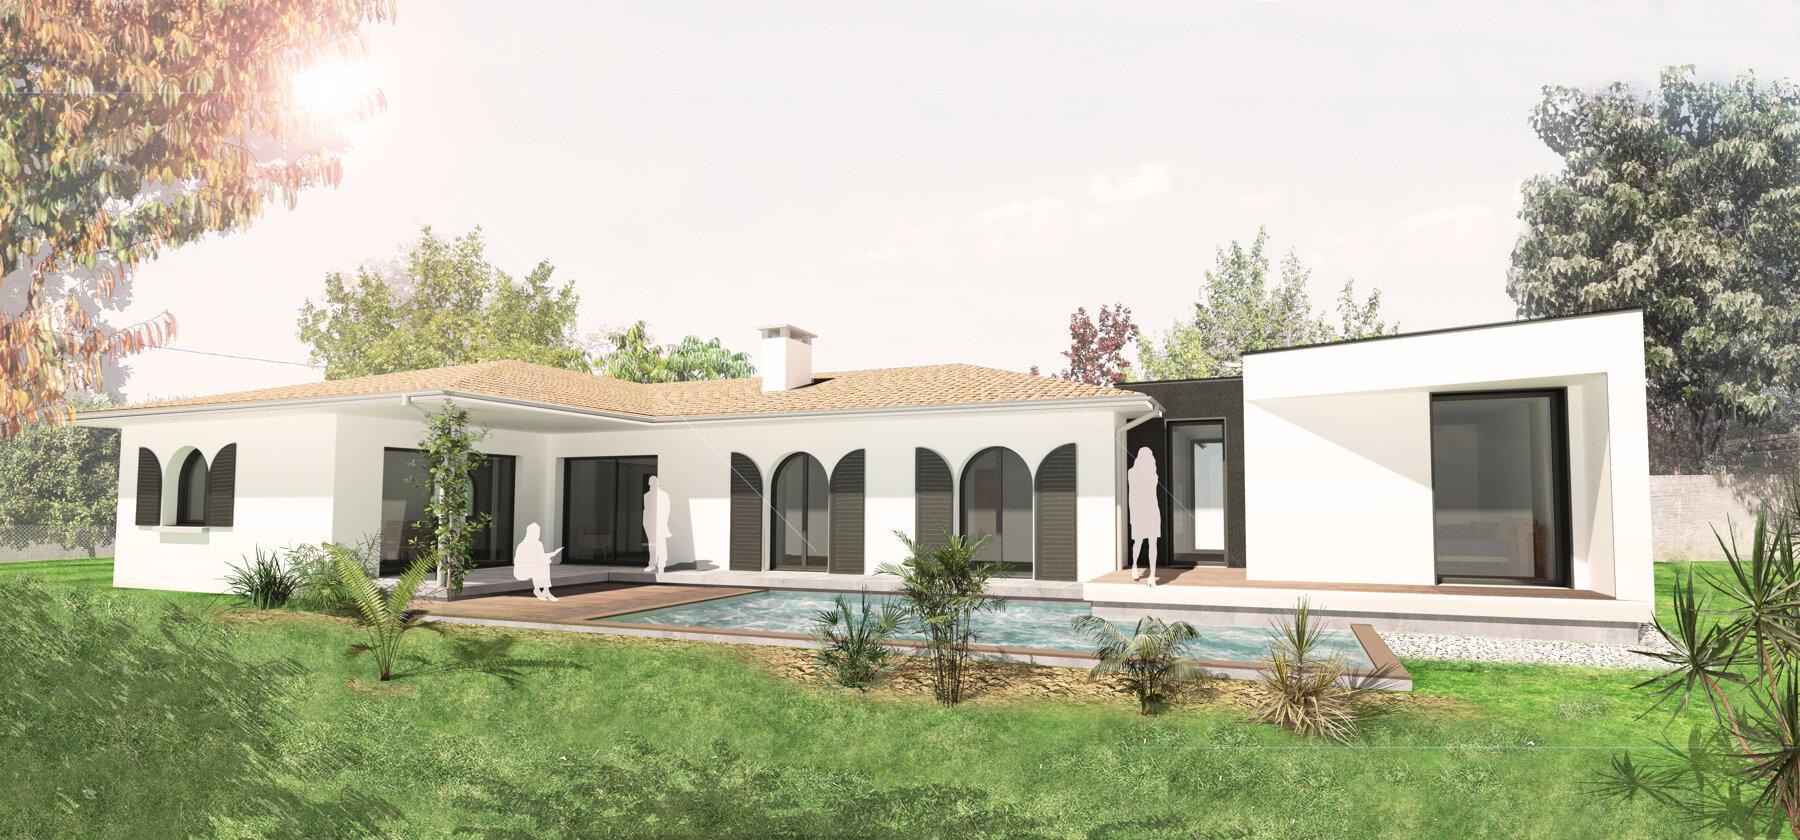 Rénovation et extension d'une maison